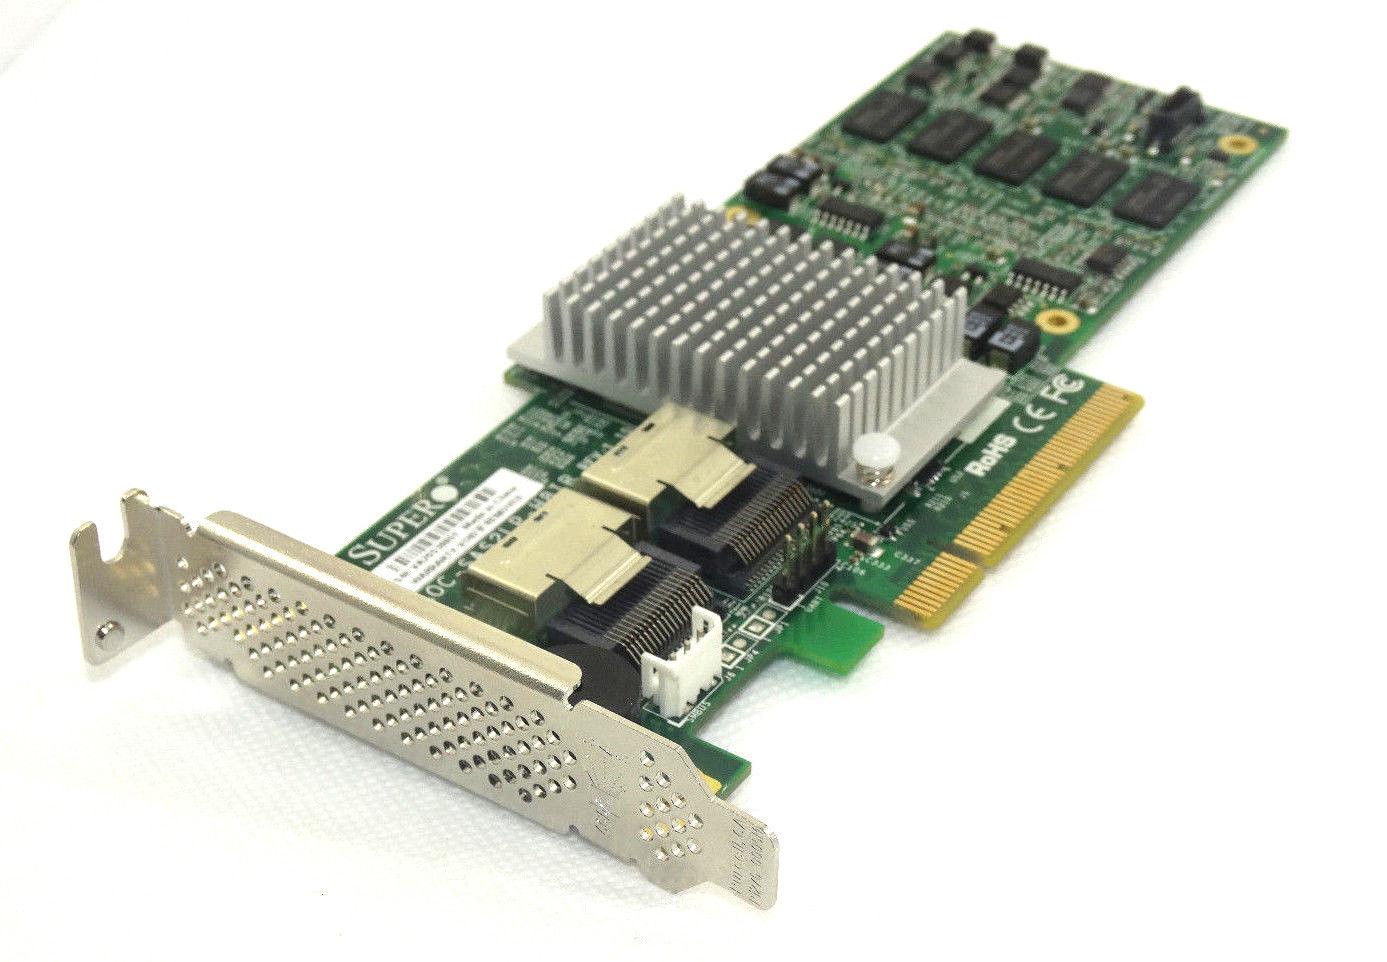 Supermicro SAS 2108 PCI-E X8 SAS/SATA Raid Controller (AOC-SAS2LP-H8IR)